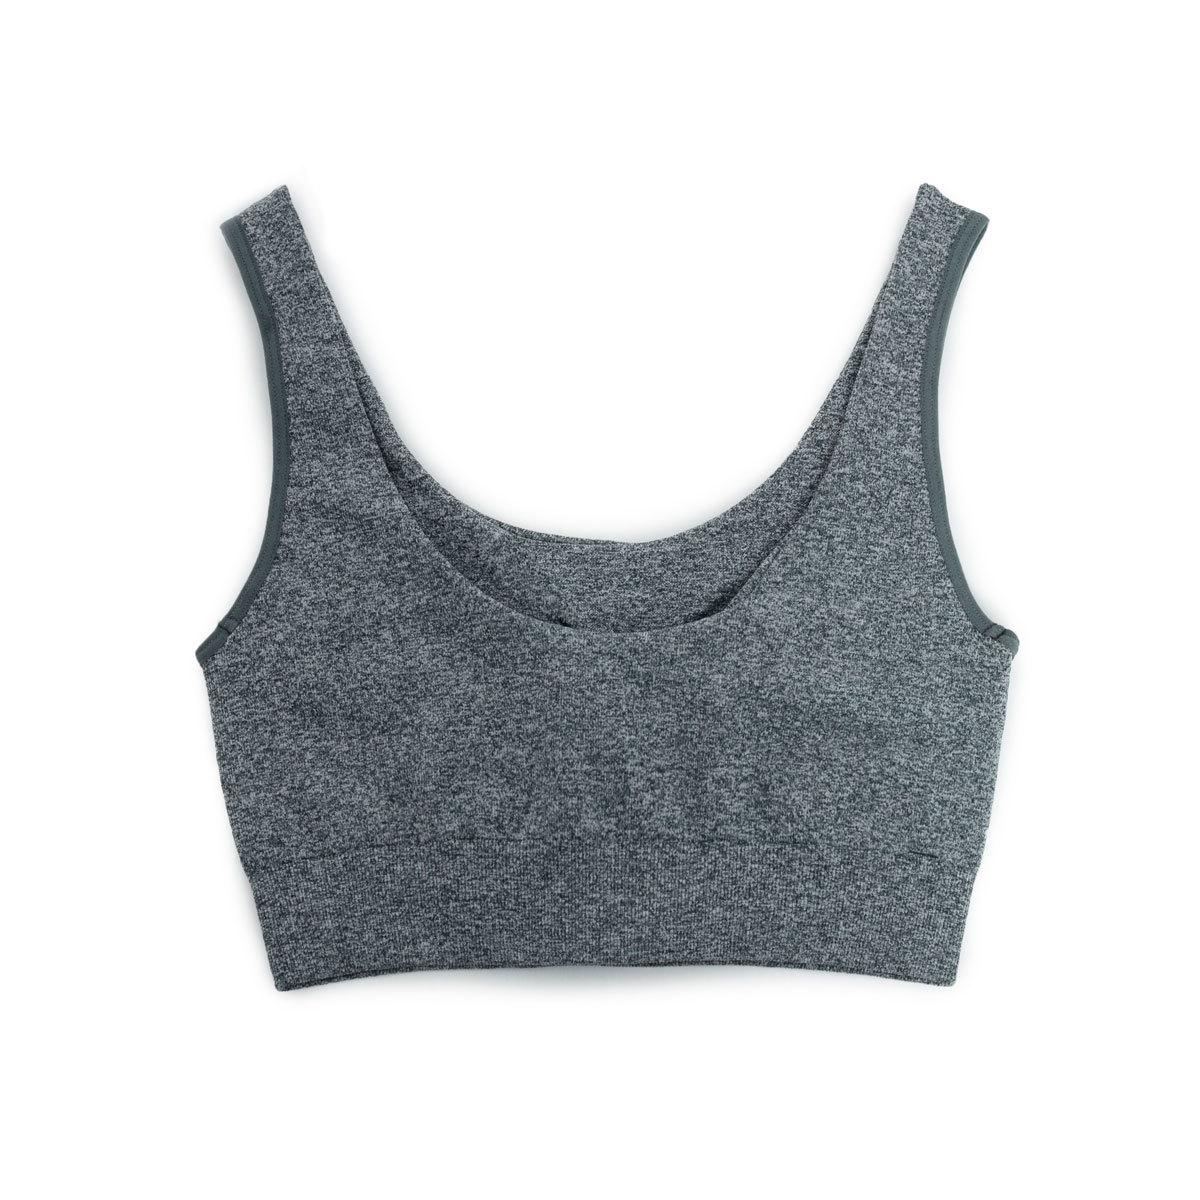 Top sin costuras en tono gris (49,90 euros).